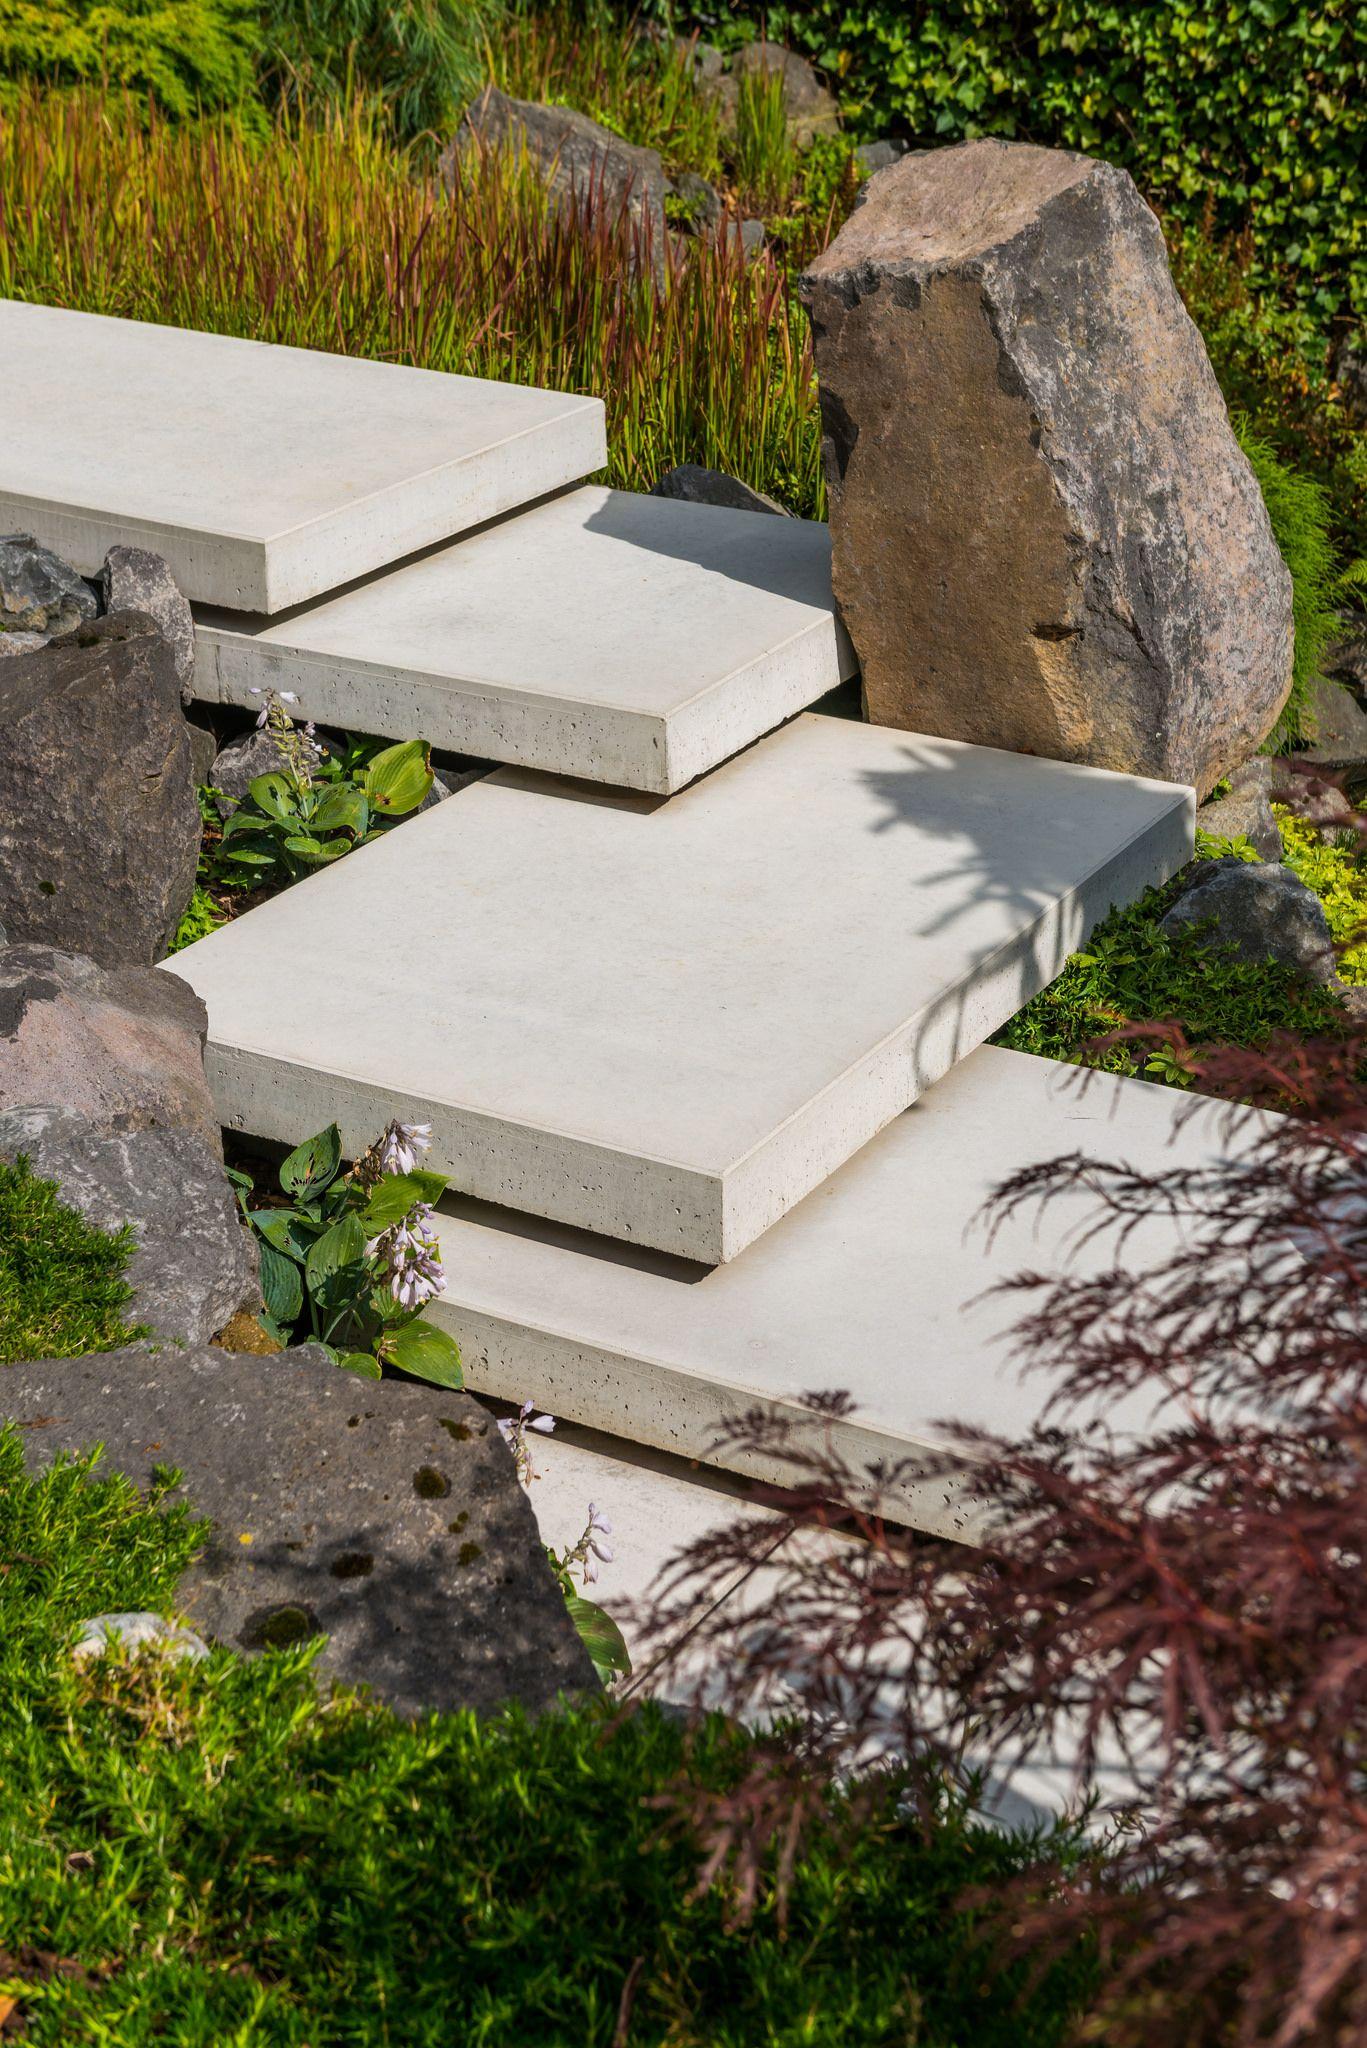 Fonkelnieuw Zwevende trap in tuin met veel hoogteverschil. | Landscape stairs YE-59